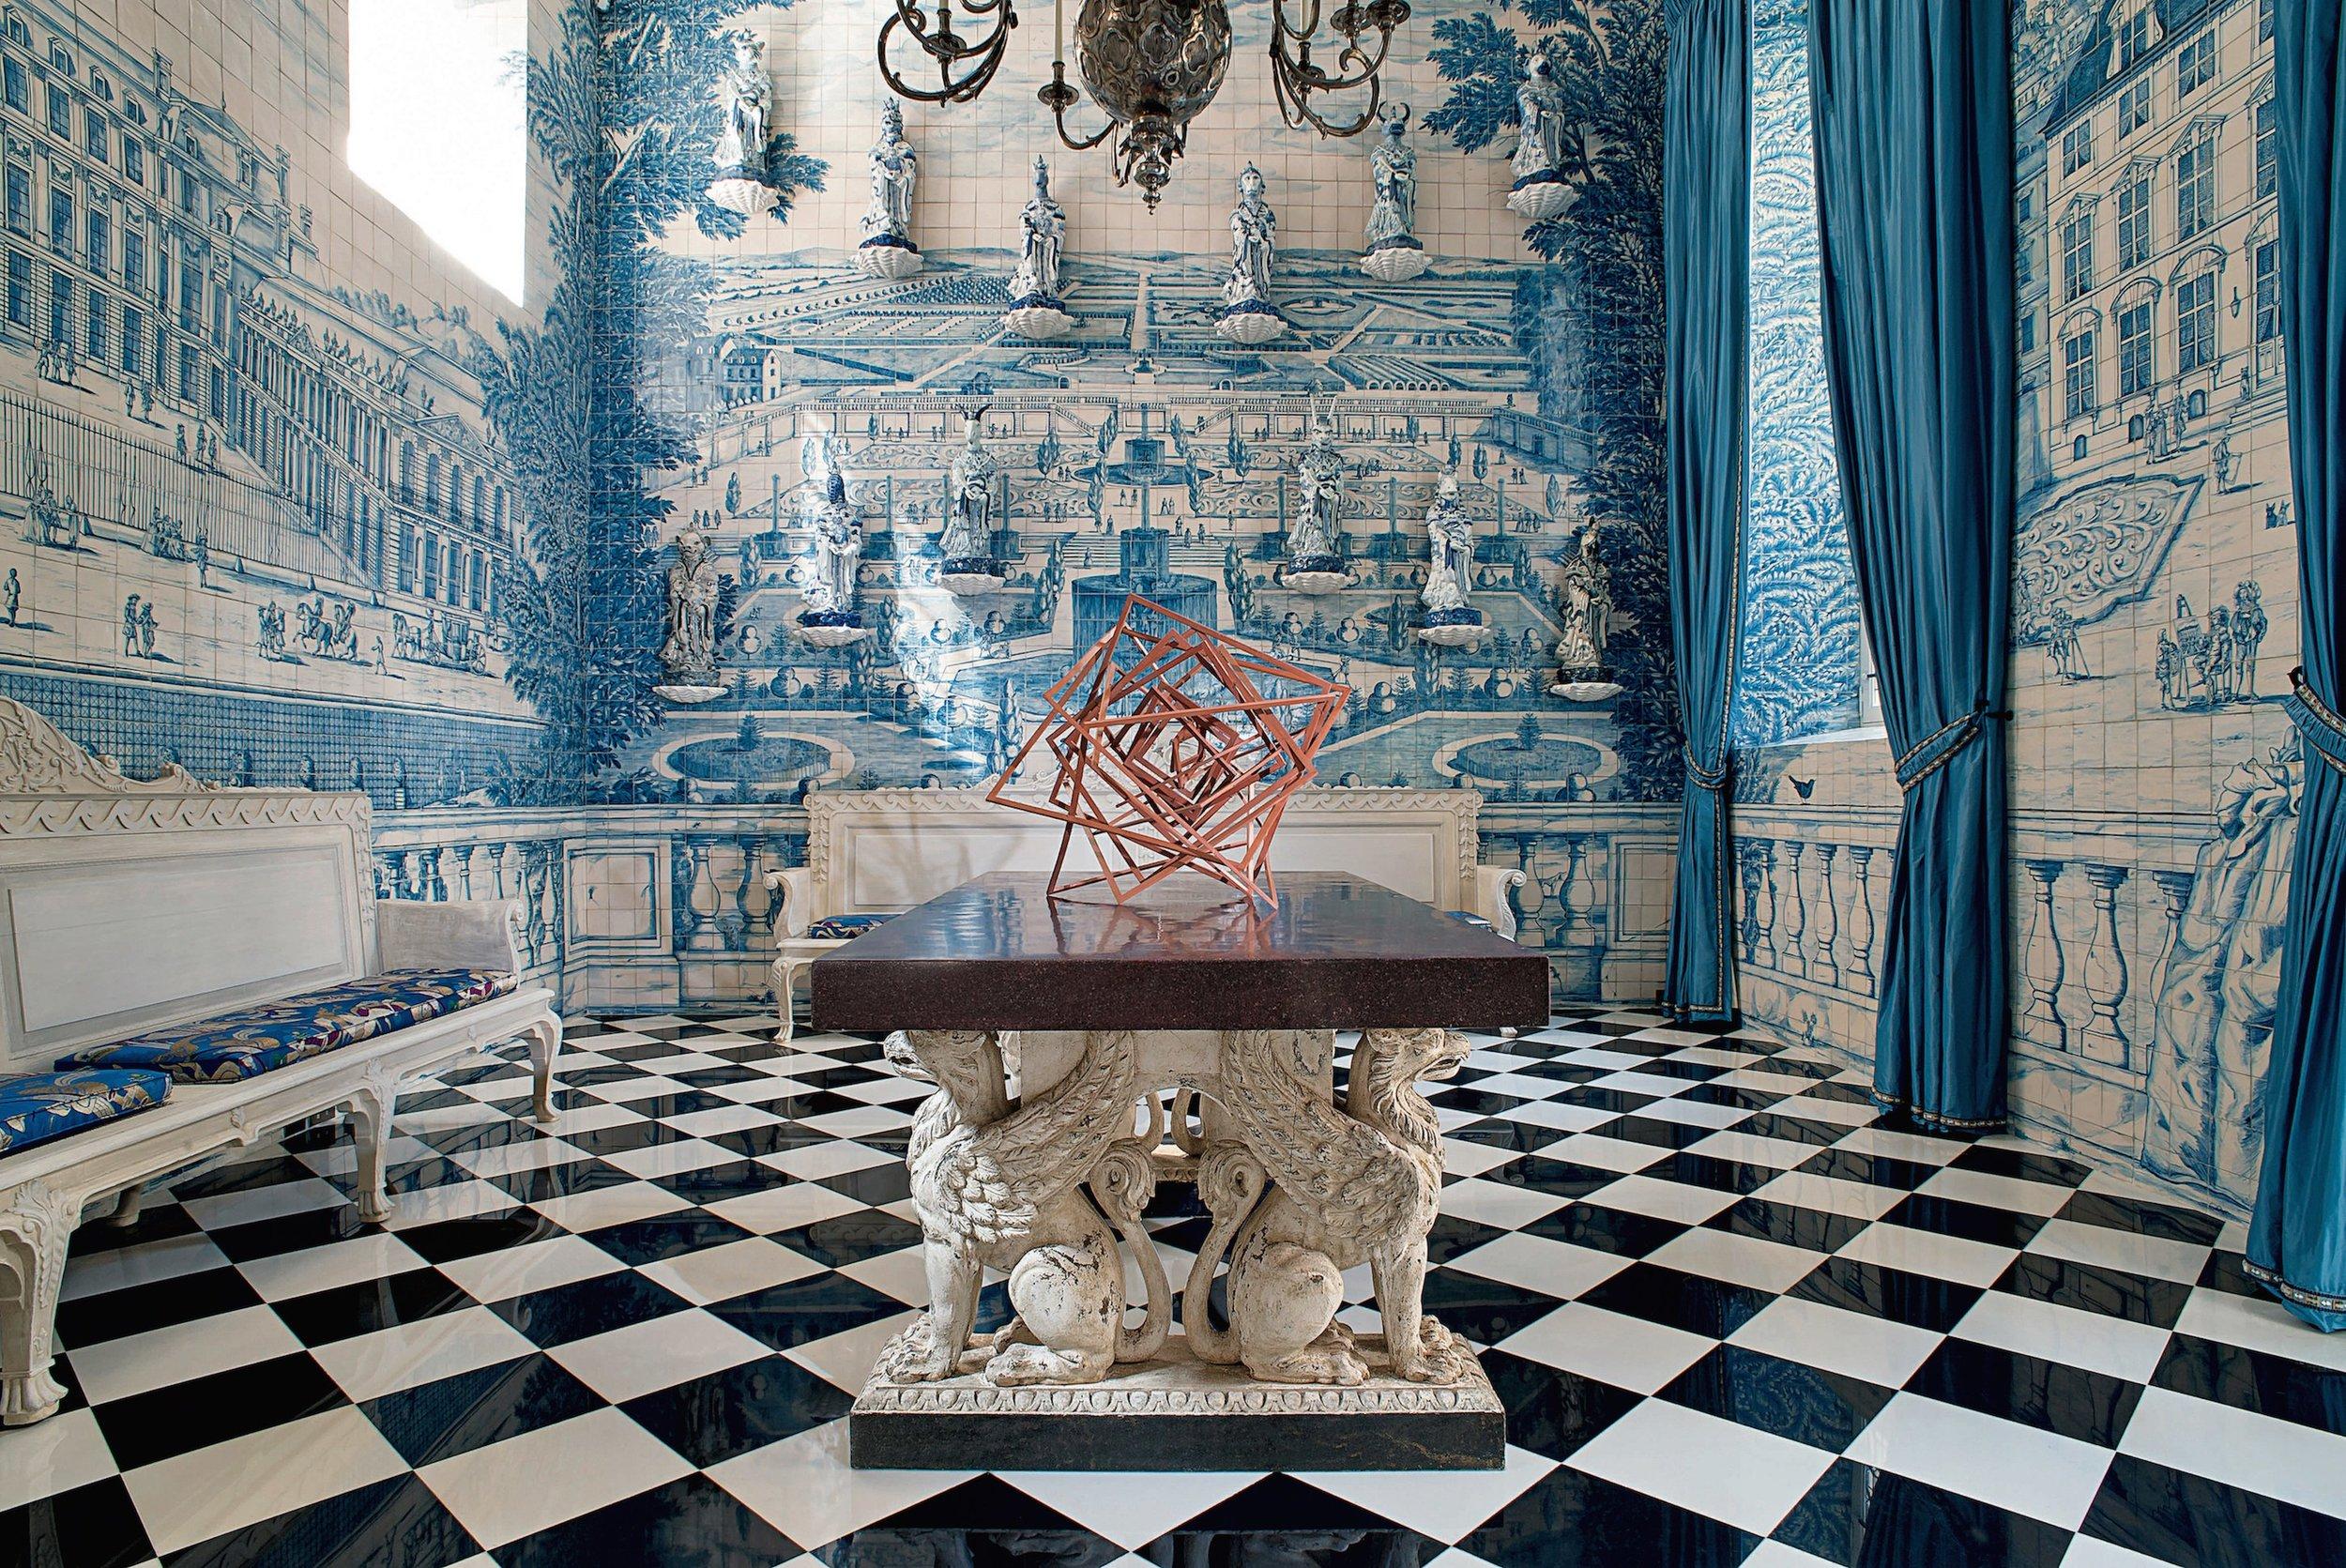 Designer  Juan Pablo Molyneux creates a vestibule covered entirely  in hand-painted tile by Atelier Prométhée  a t the Hôtel Claude Passart in Paris. Source:  Architectural Digest .